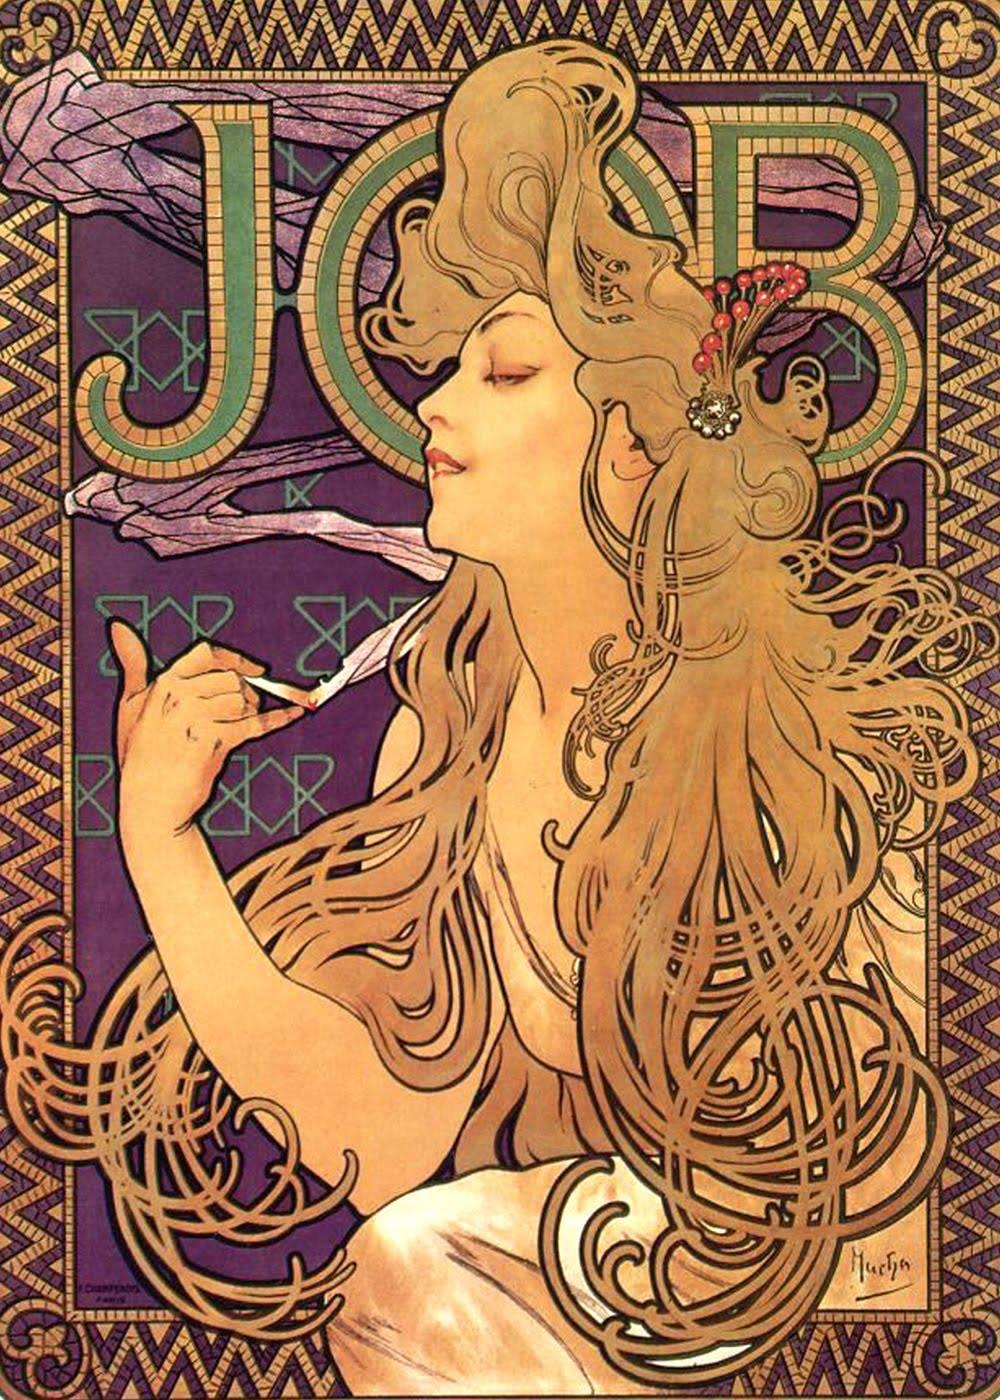 Art Nouveau: Il trionfo della bellezza